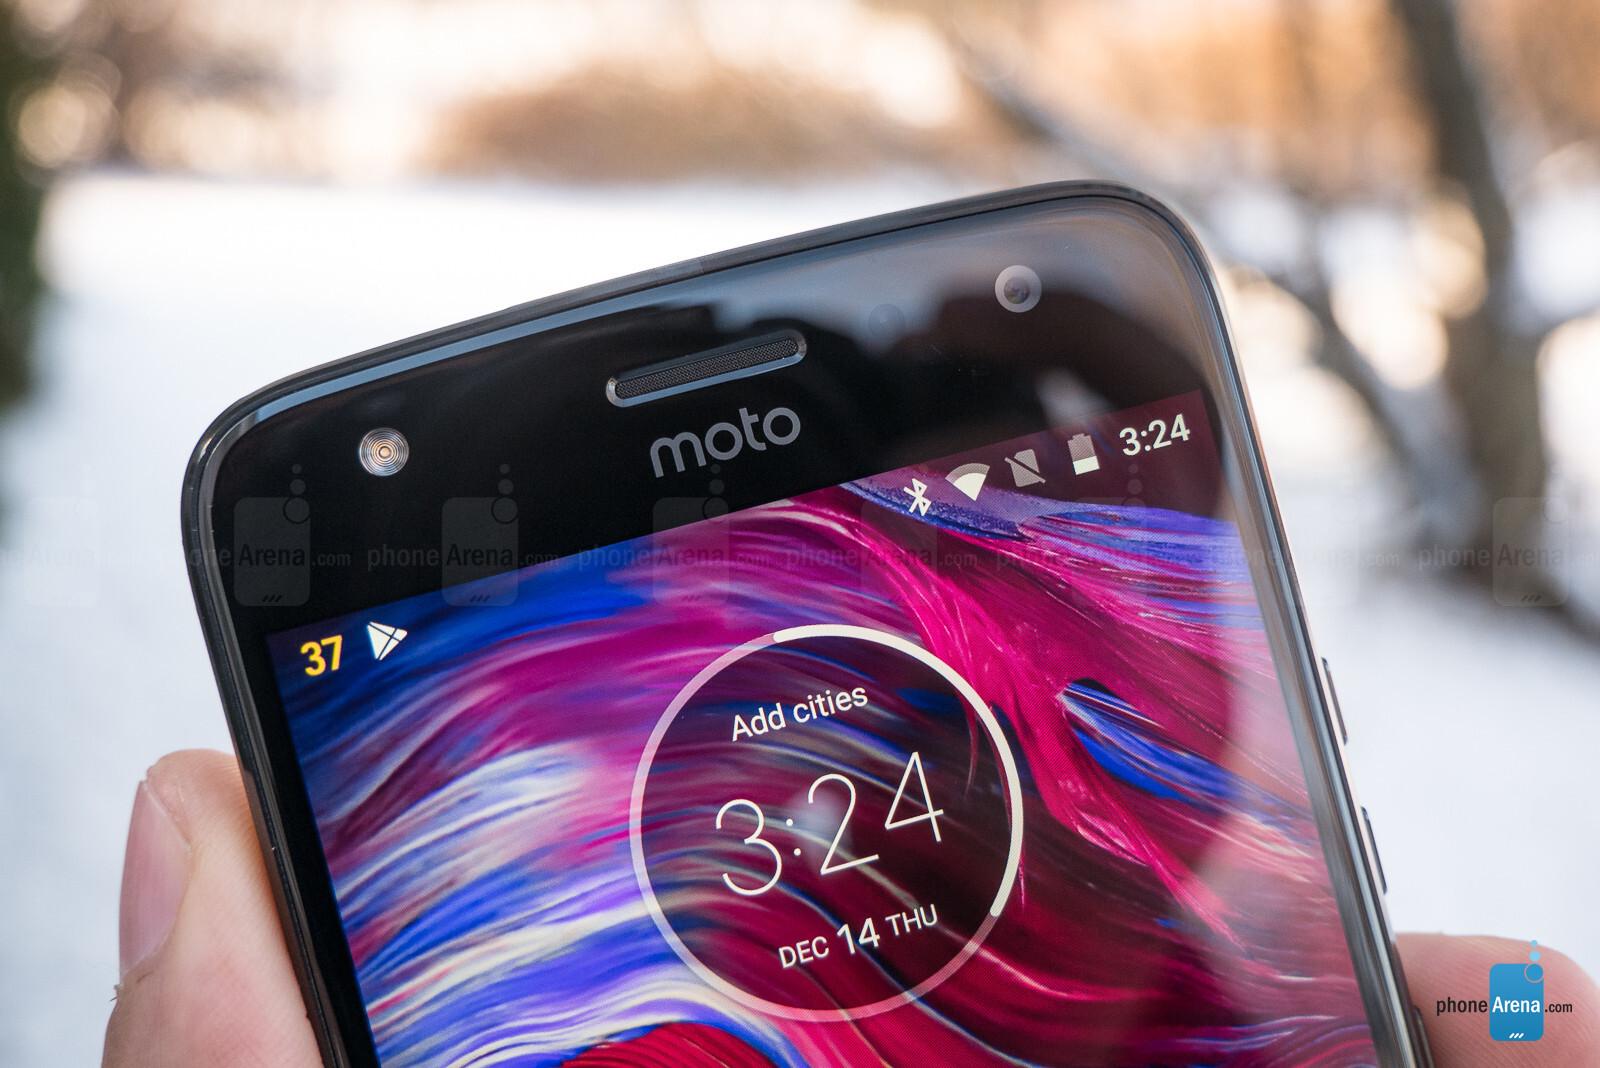 Motorola Moto X4 Review - PhoneArena